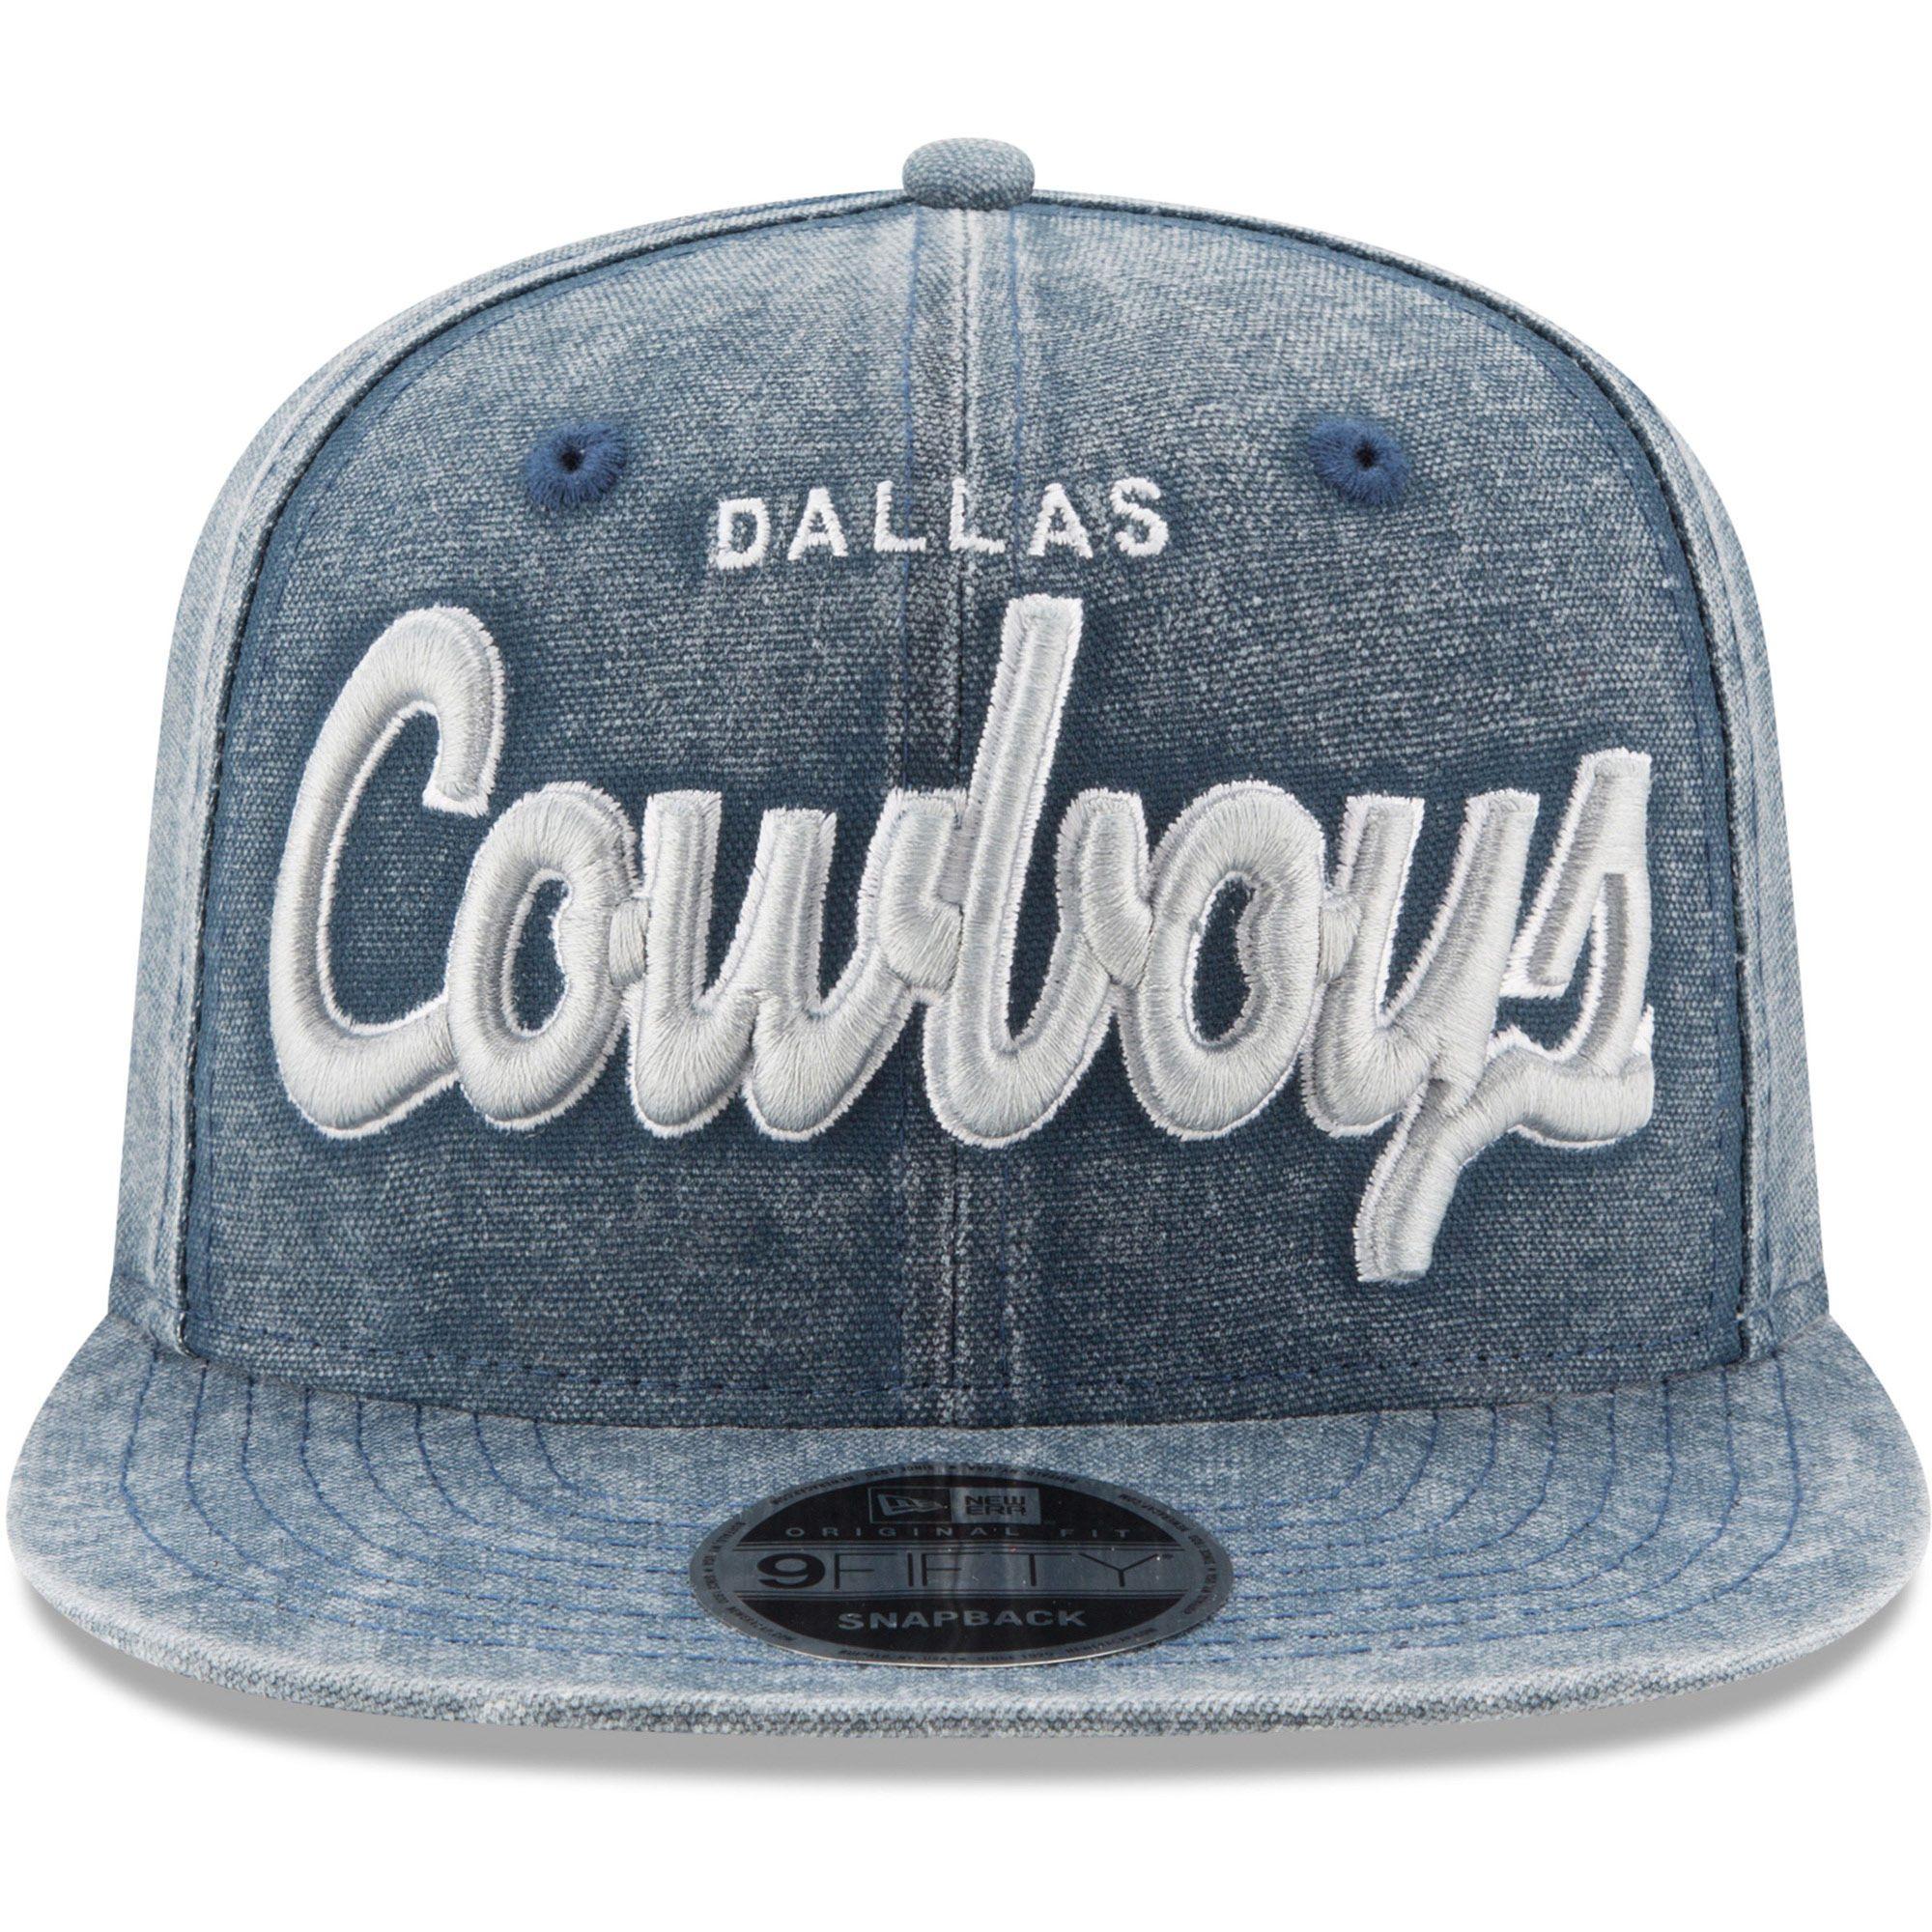 New Era Dallas Cowboys Navy Rugged Specialty Mark Original